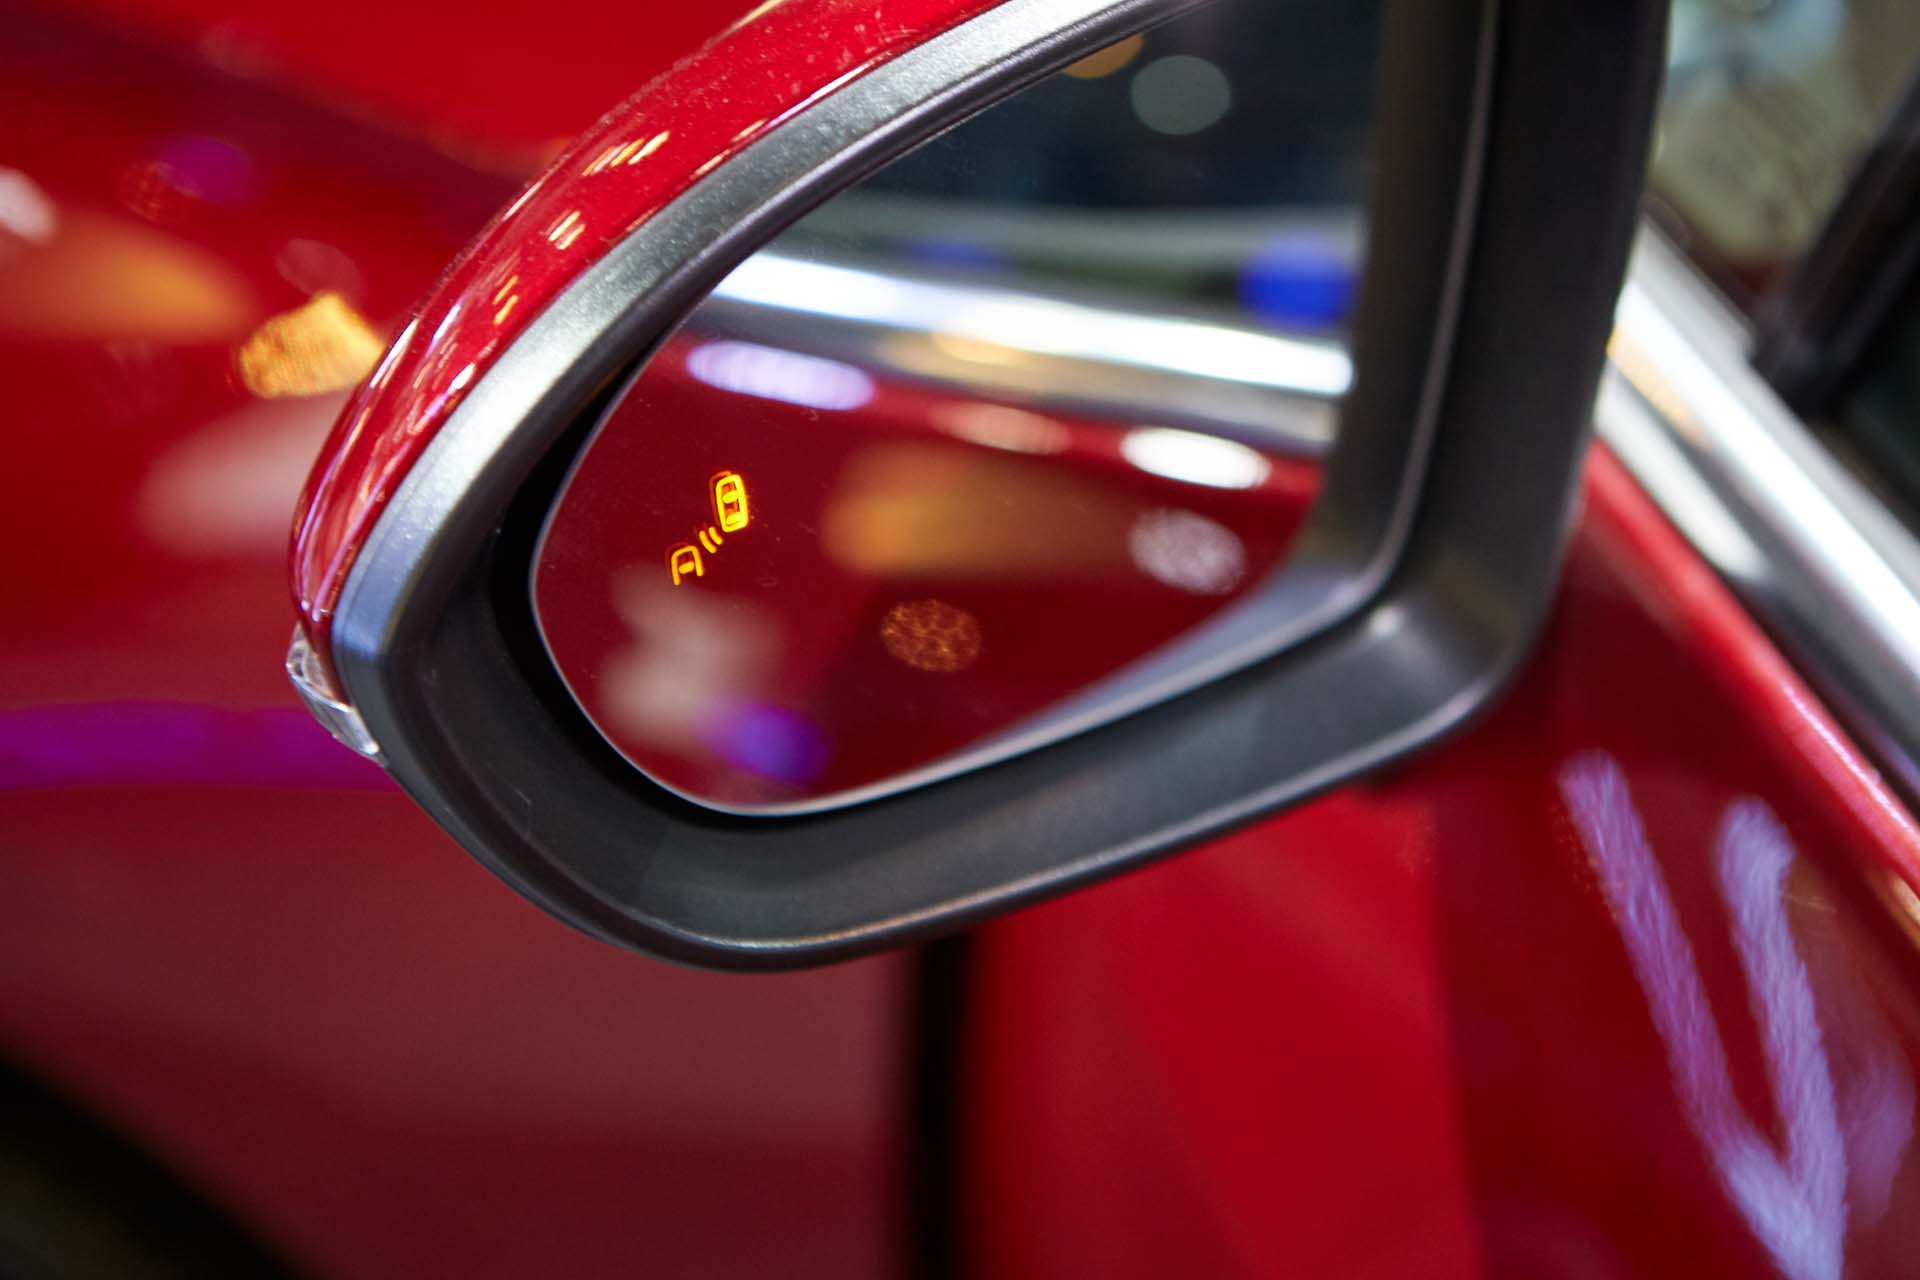 Alerta de sensor de aproximación del nuevo Camaro (GM)